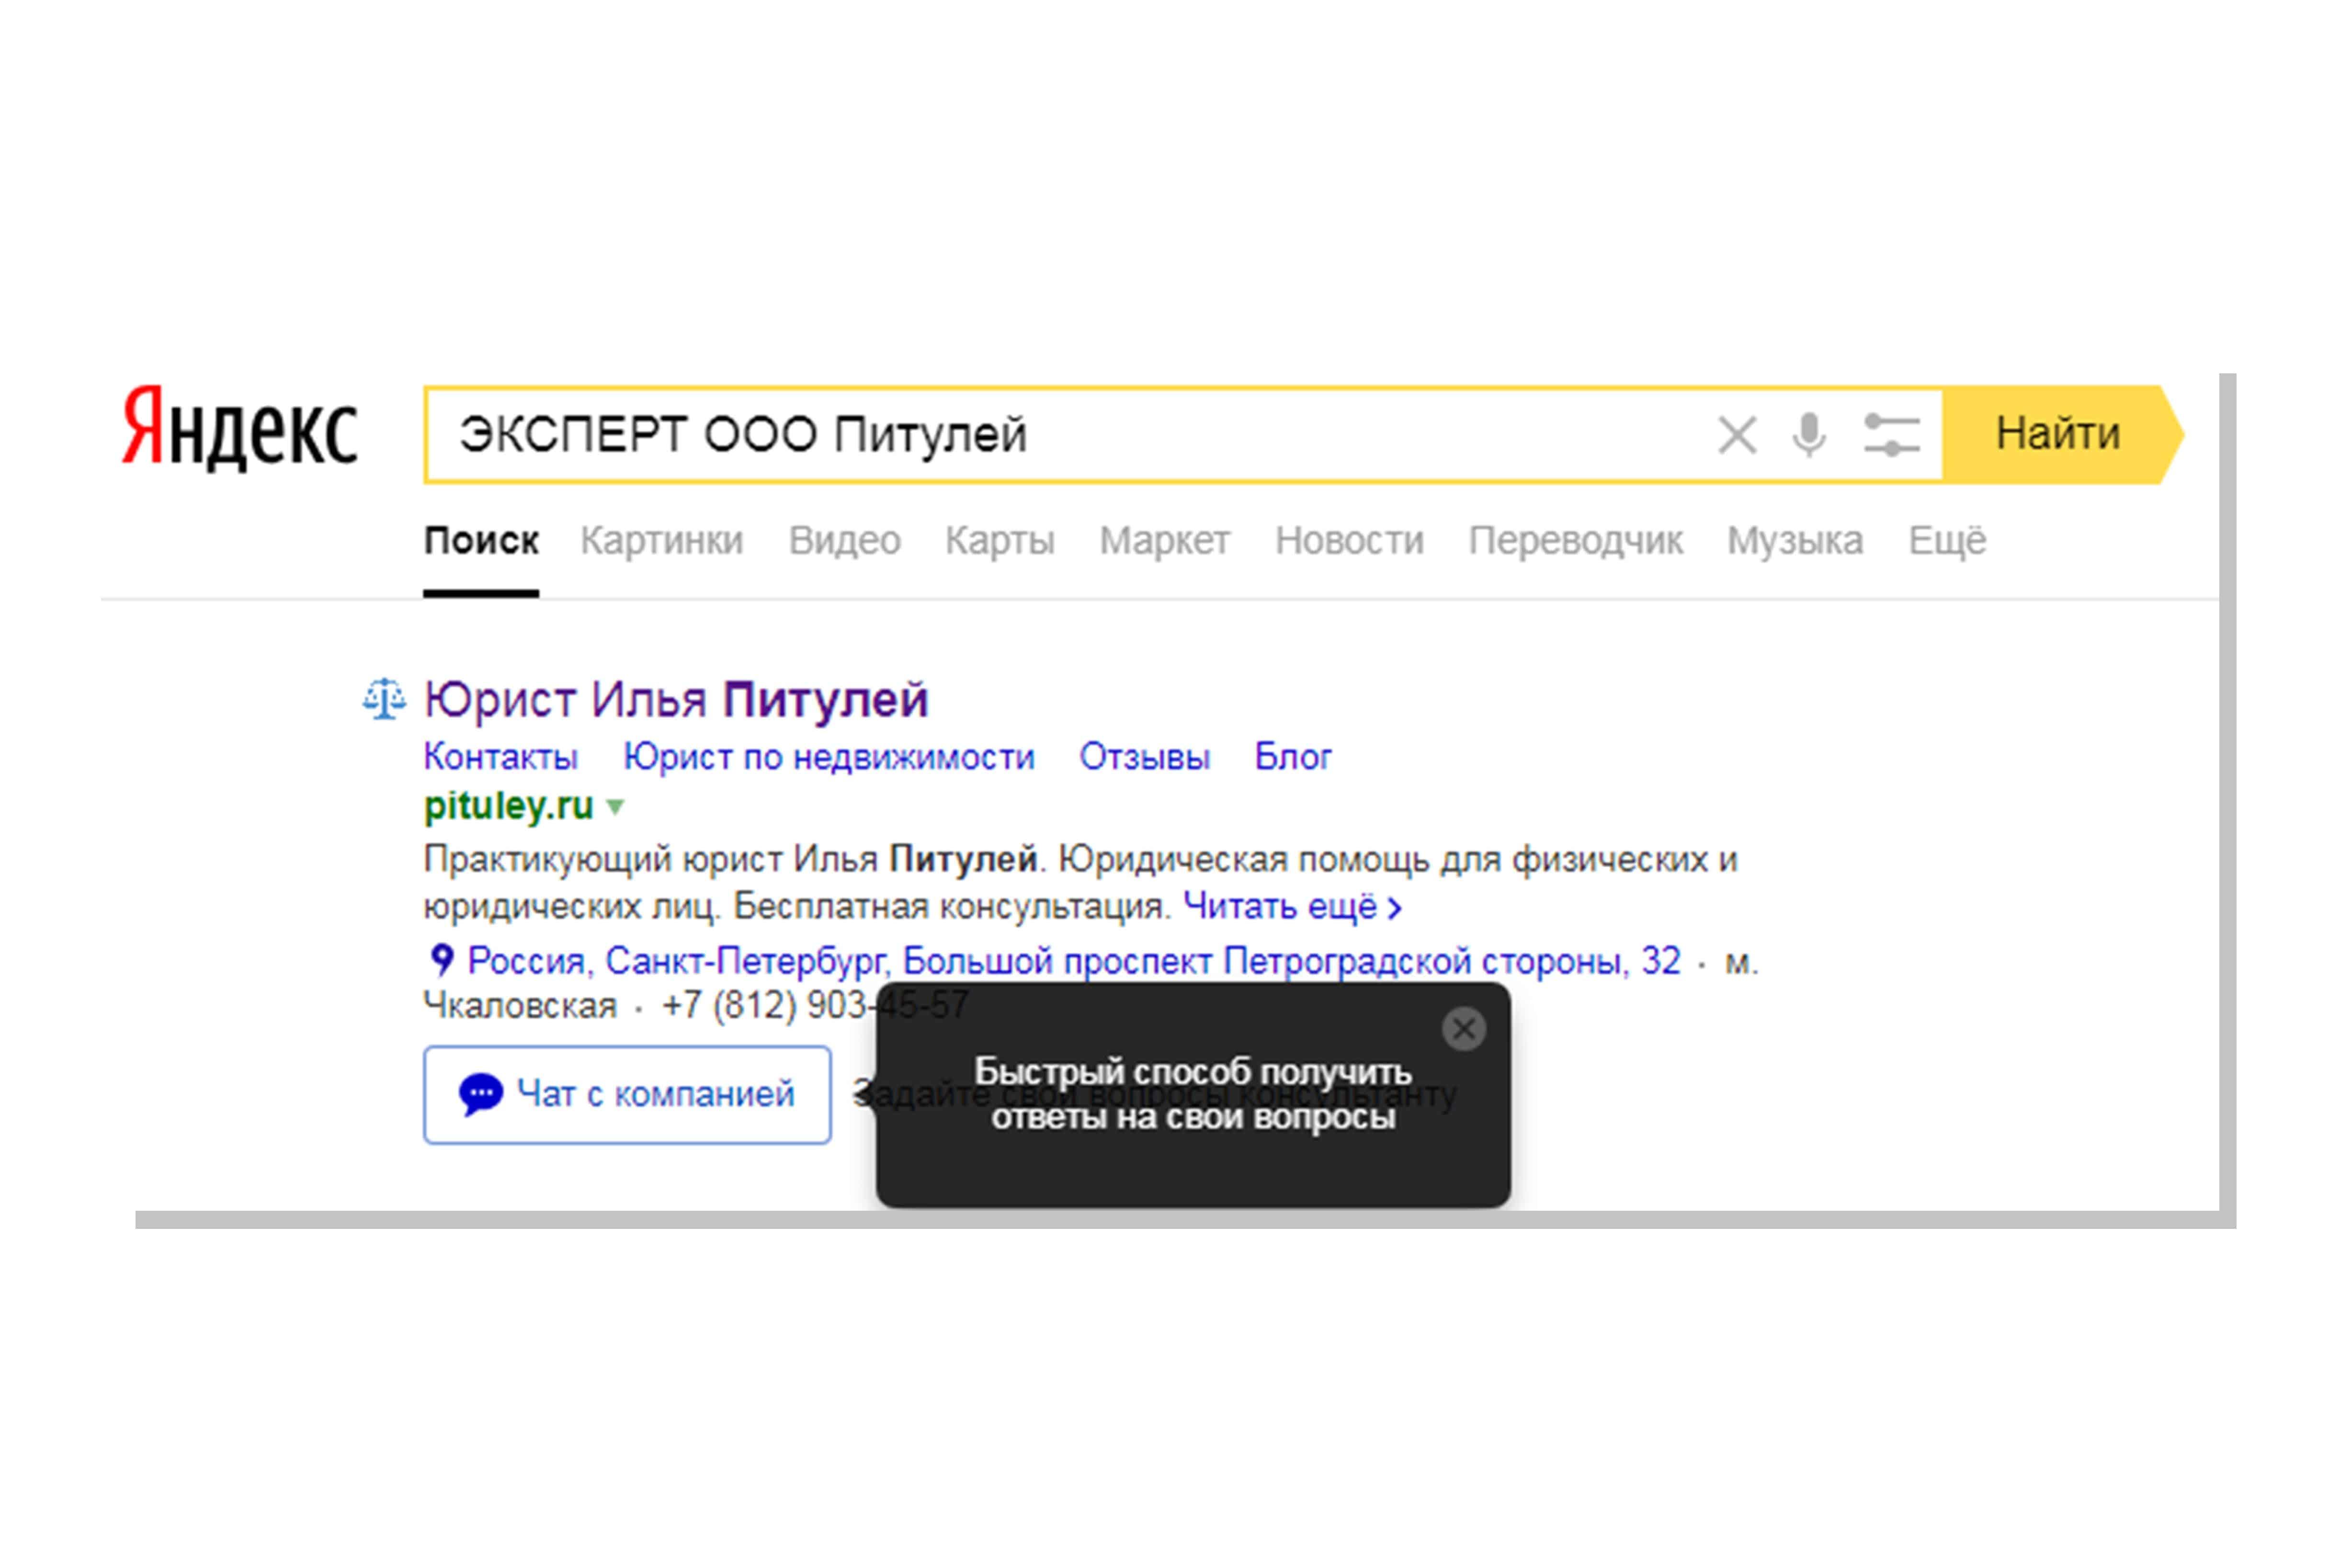 Онлайн-чат Jivosite на поиске Яндекс